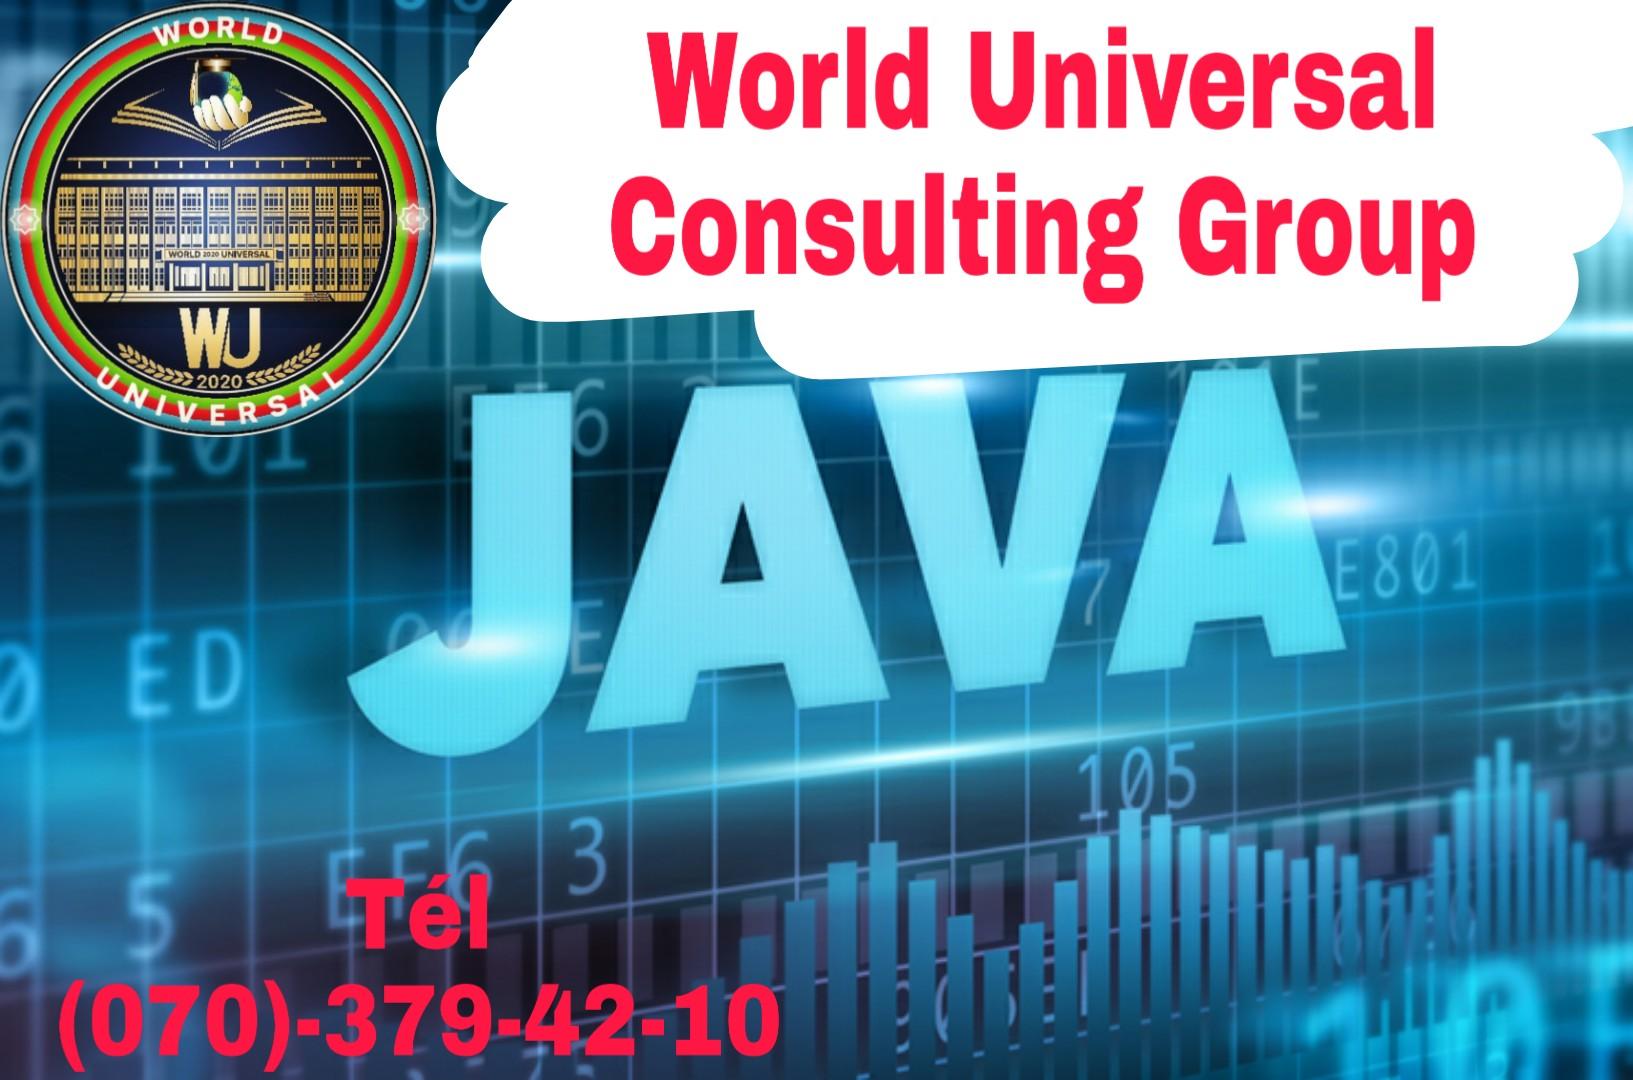 World Universal Consulting Group Java kursu Yüksek